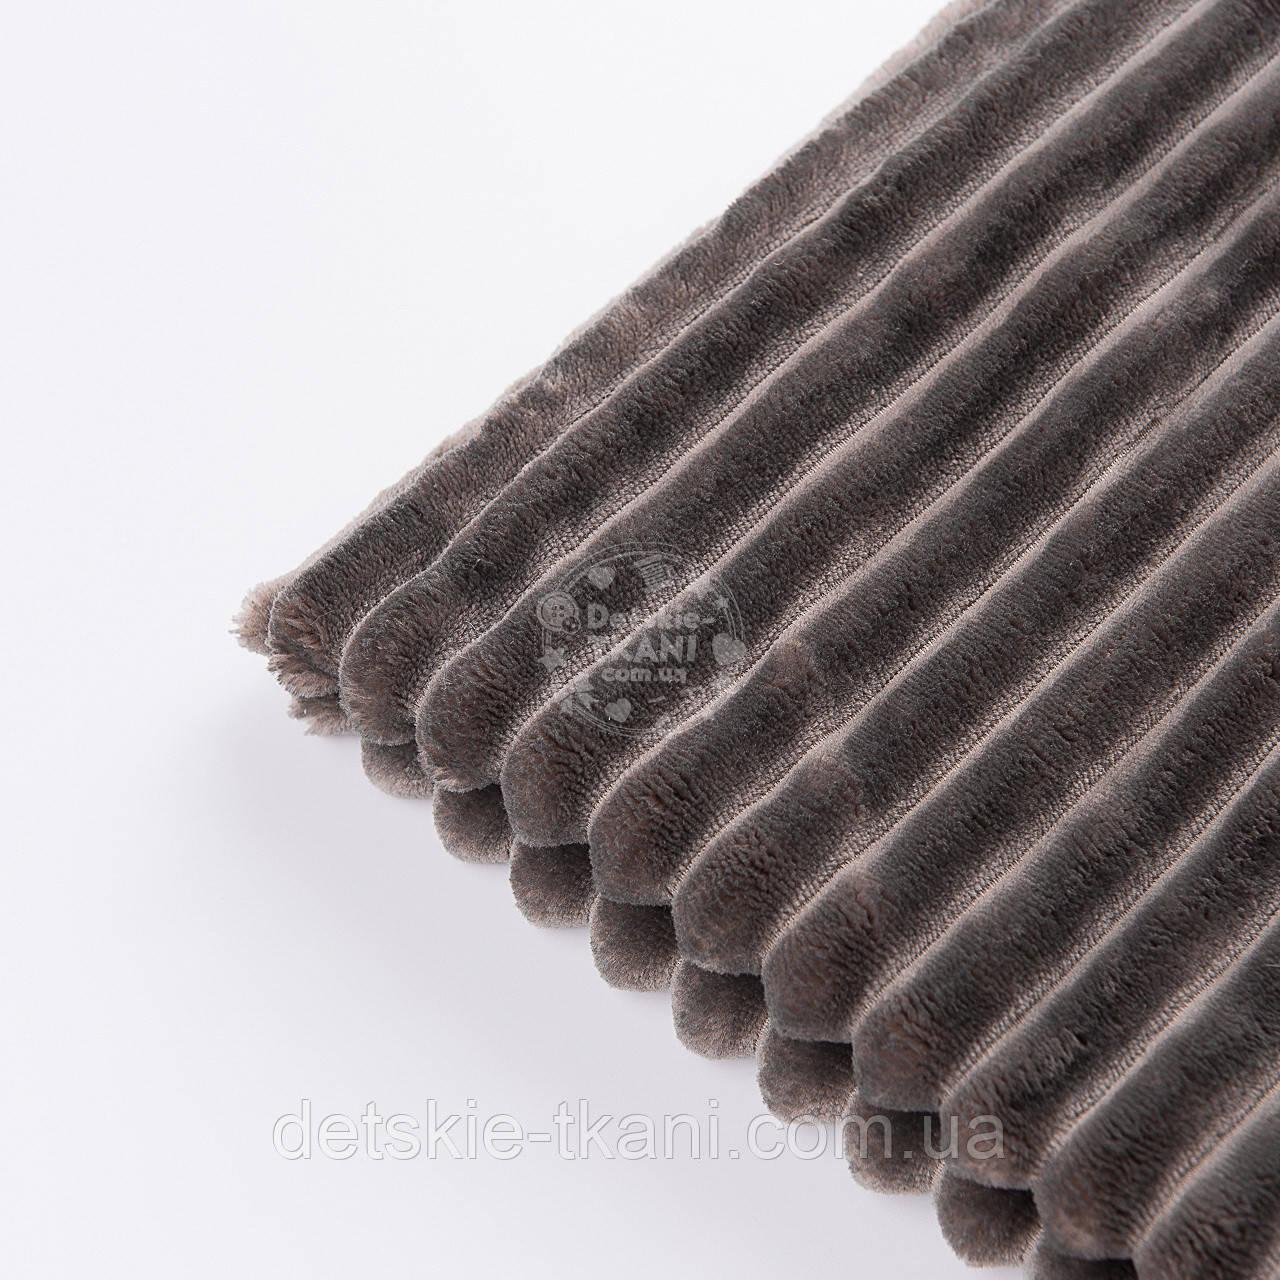 Два лоскута плюша в полоску Stripes пепельно-серого цвета 40*160, 20*80 см